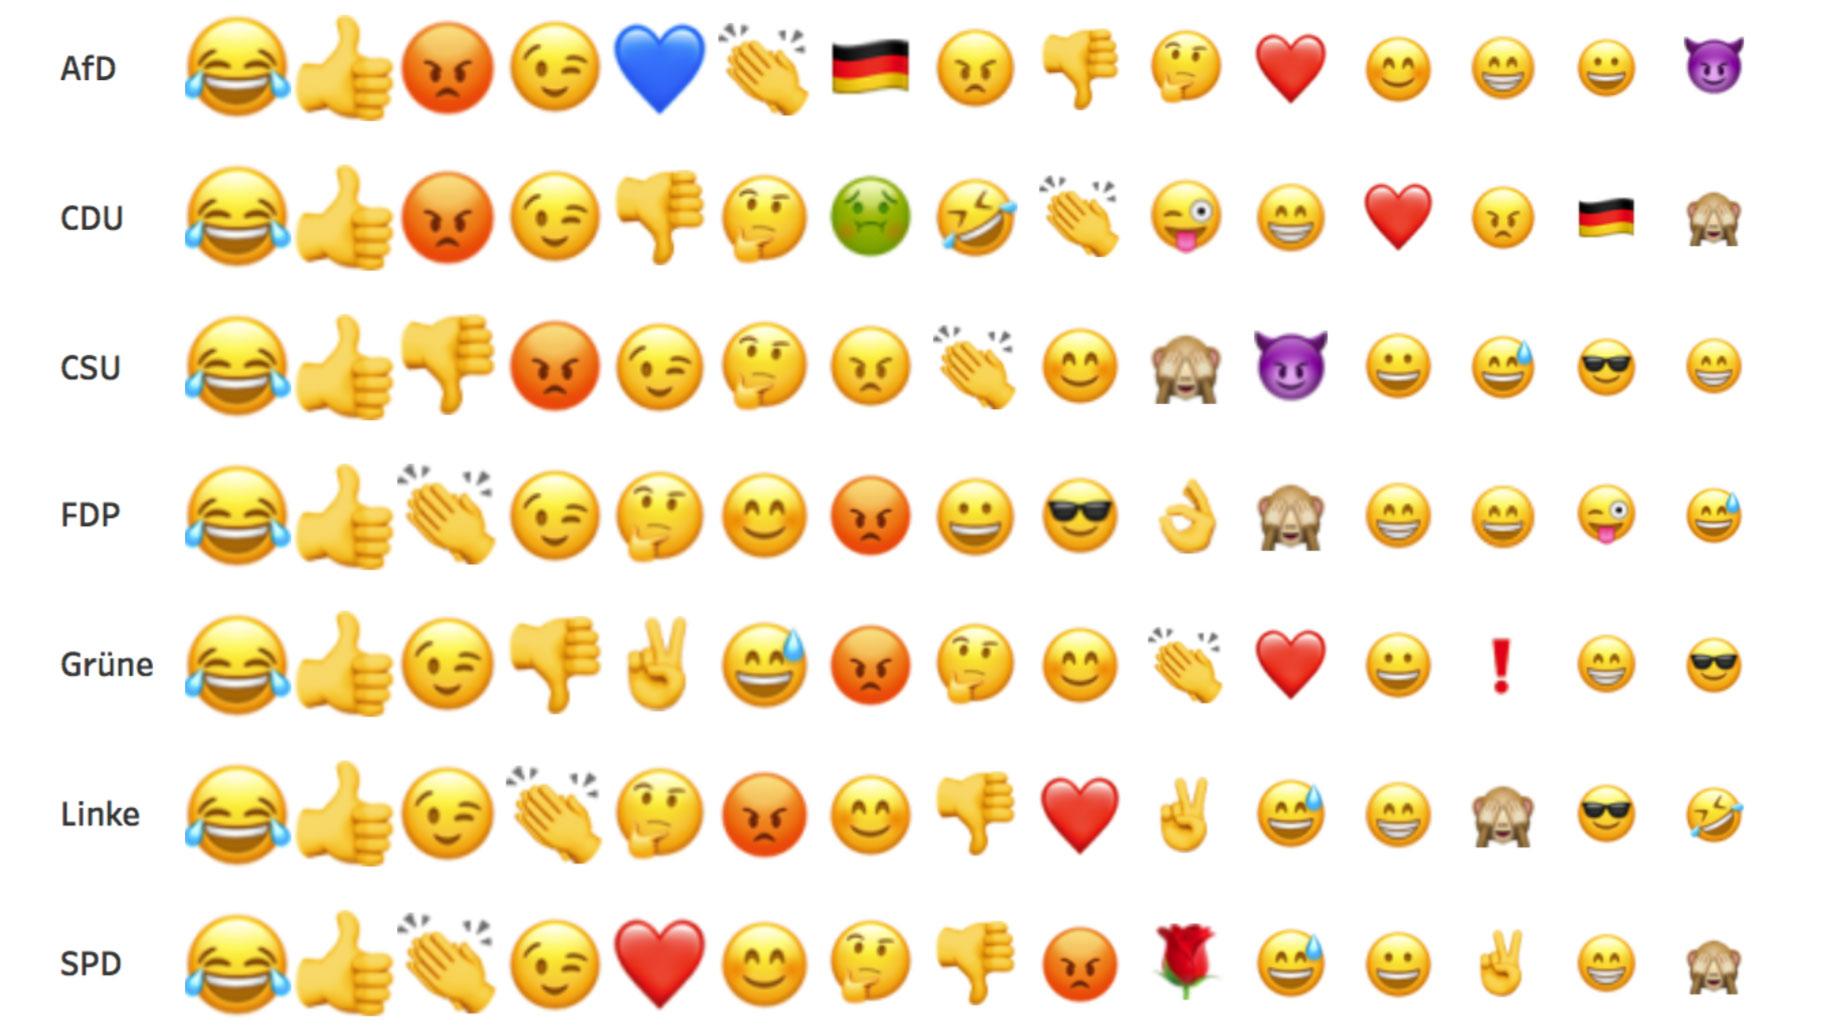 Analyse Diese Emojis Nutzen Die Anh 228 Nger Der Parteien Auf